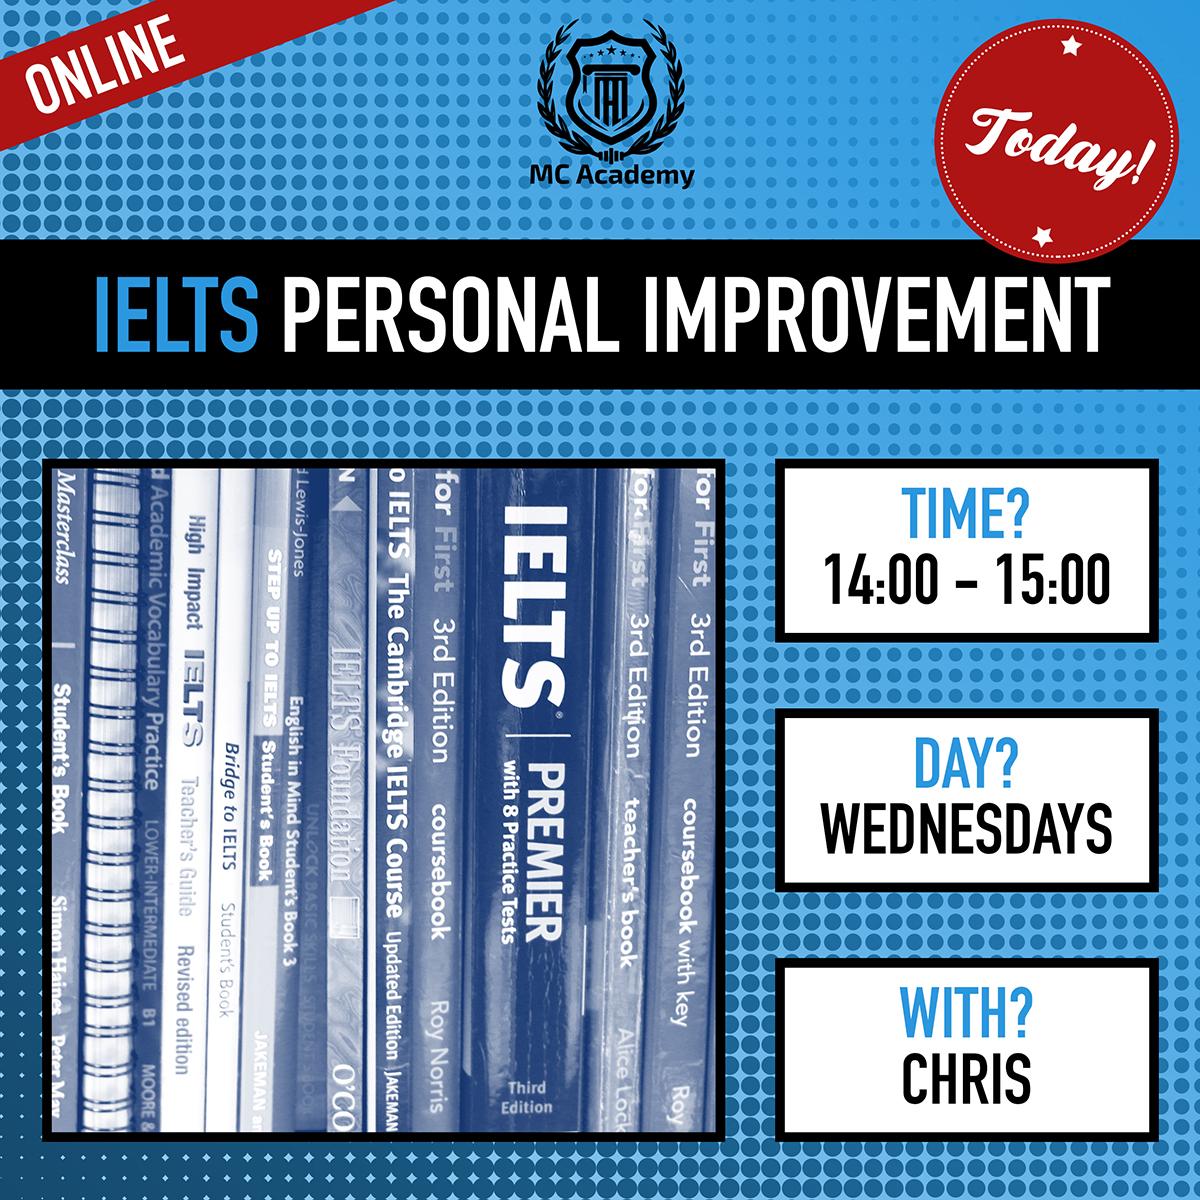 IELTS - Personal Improvement